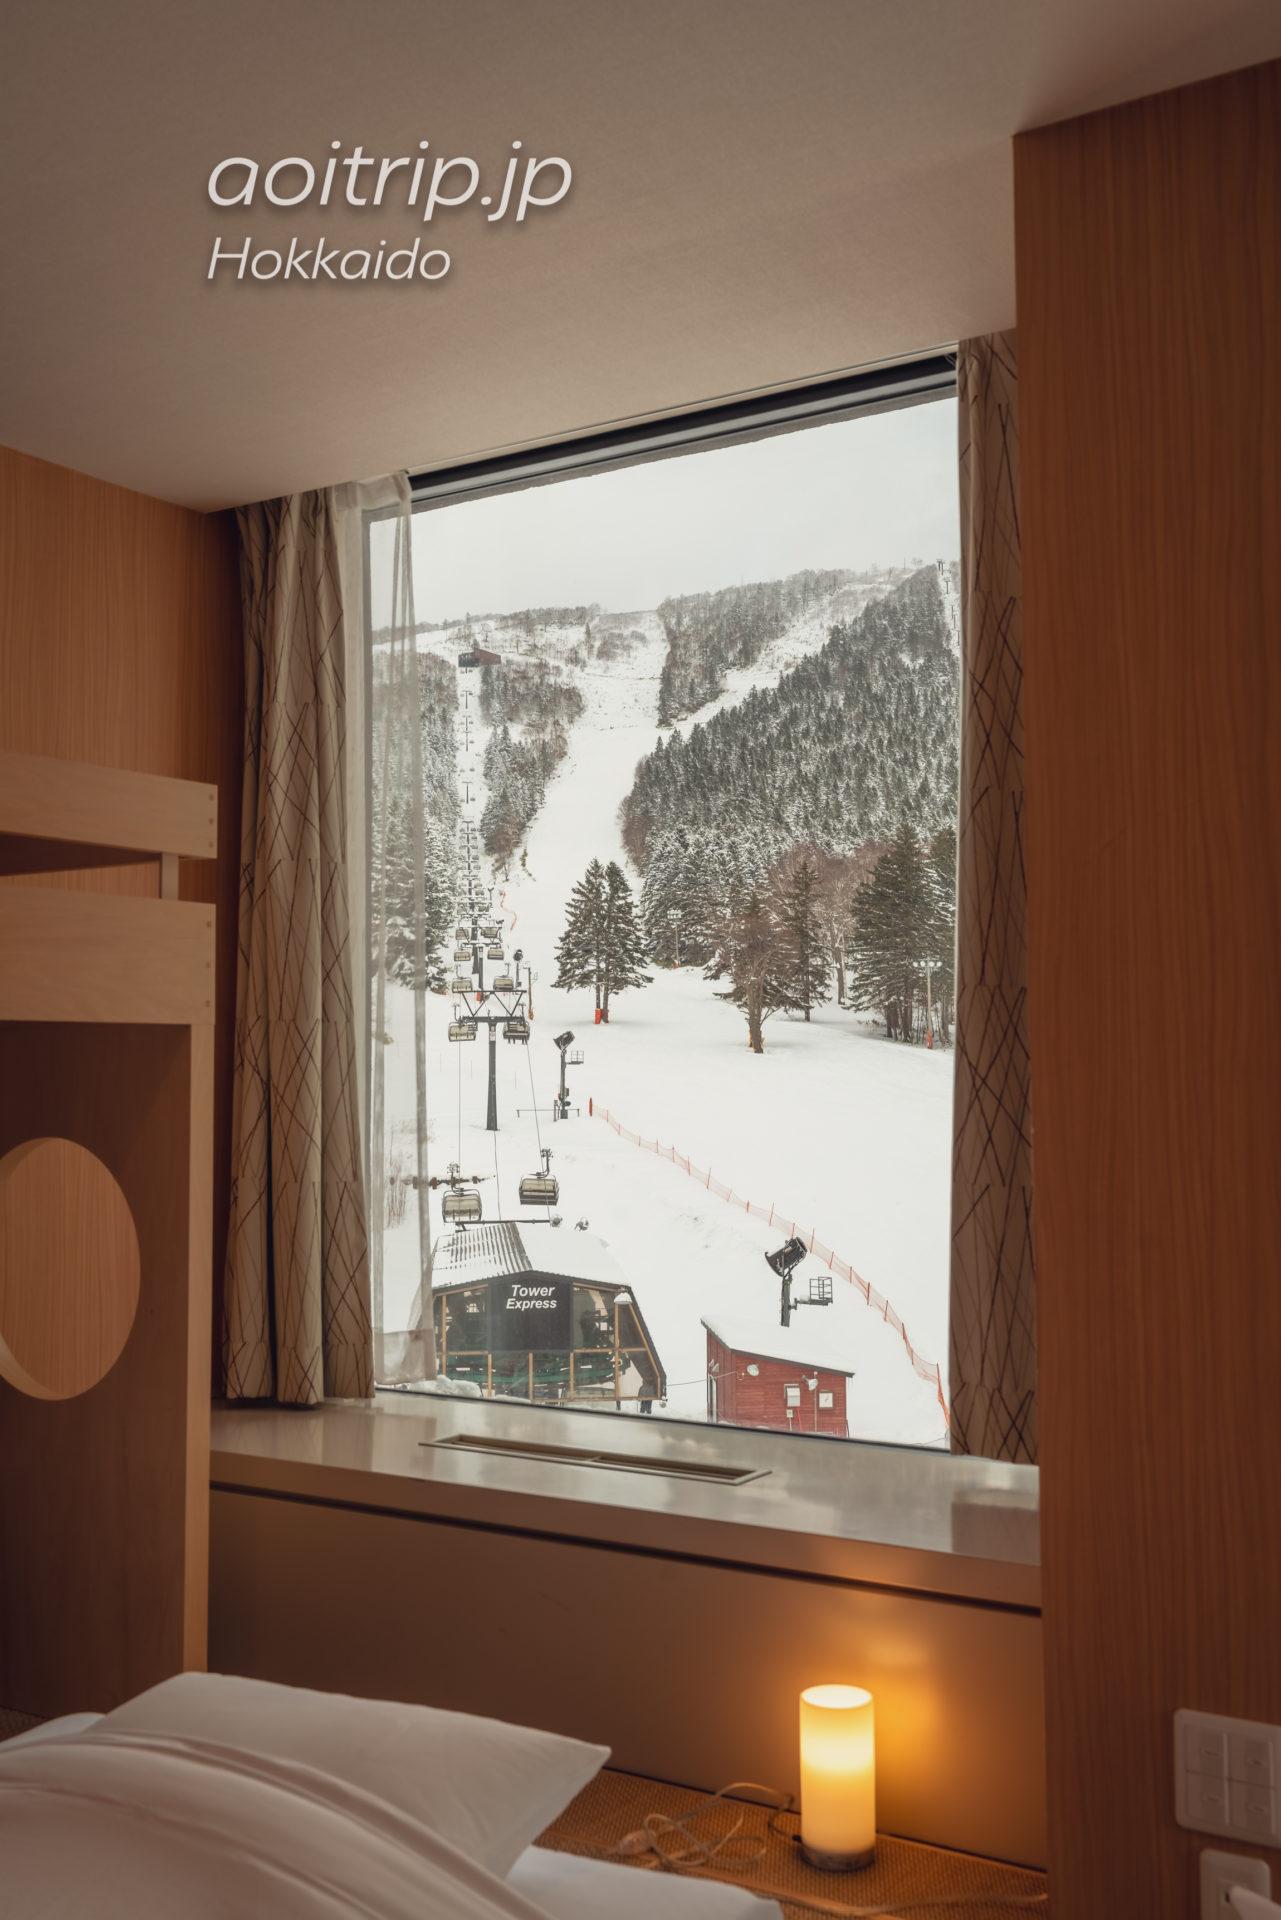 星野リゾート・トマム・ザ・タワー ファミリーファイブルーム(ロフトベッド有) The Tower2 Family Quintuple Room(bunk bed)